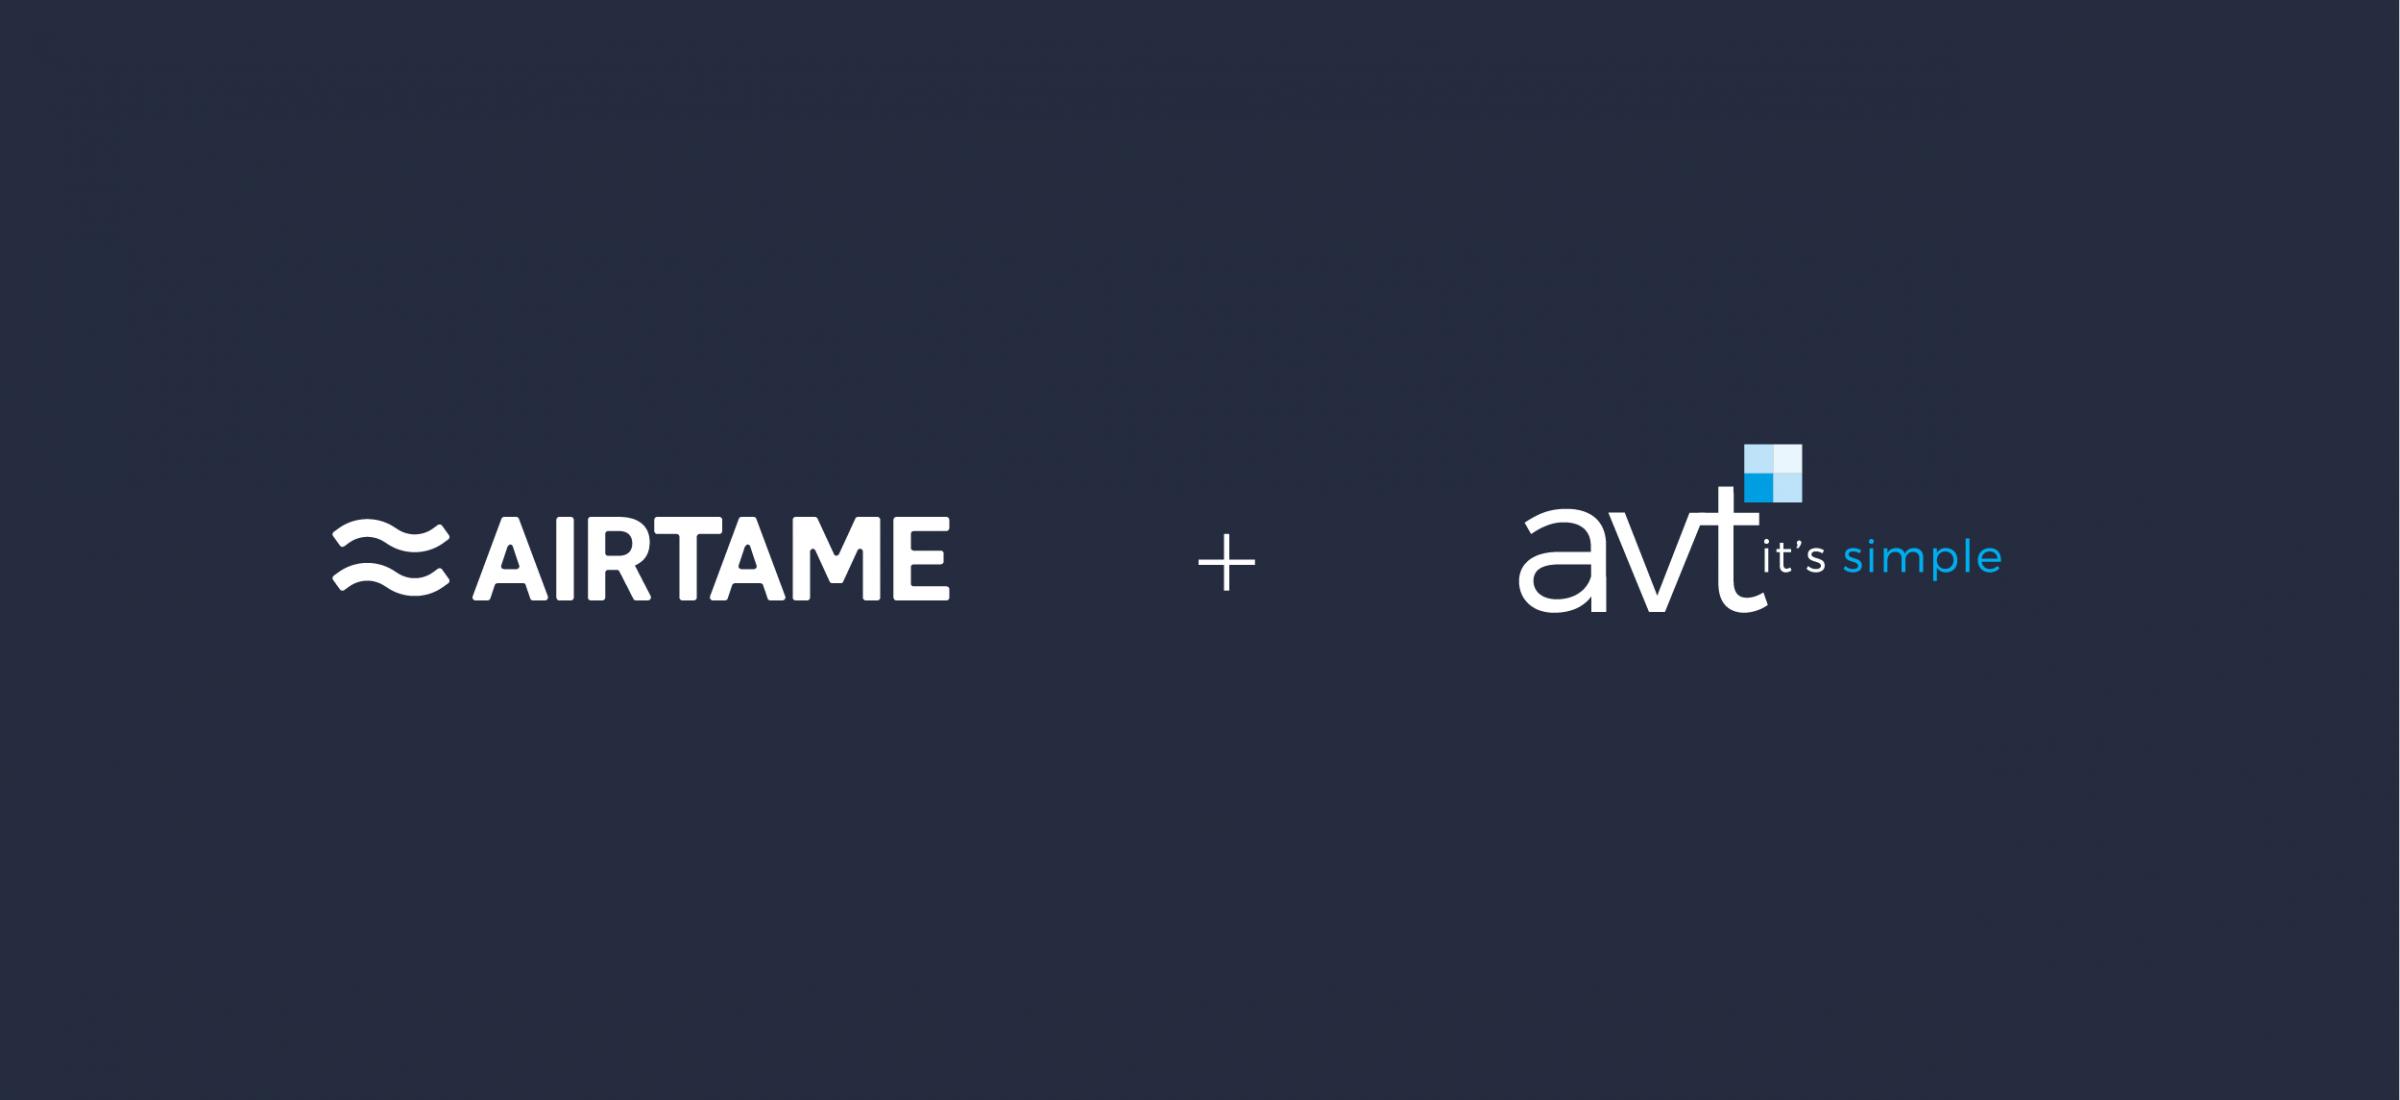 Airtame announces partnership with avt, Australia's leading value-added AV distributor